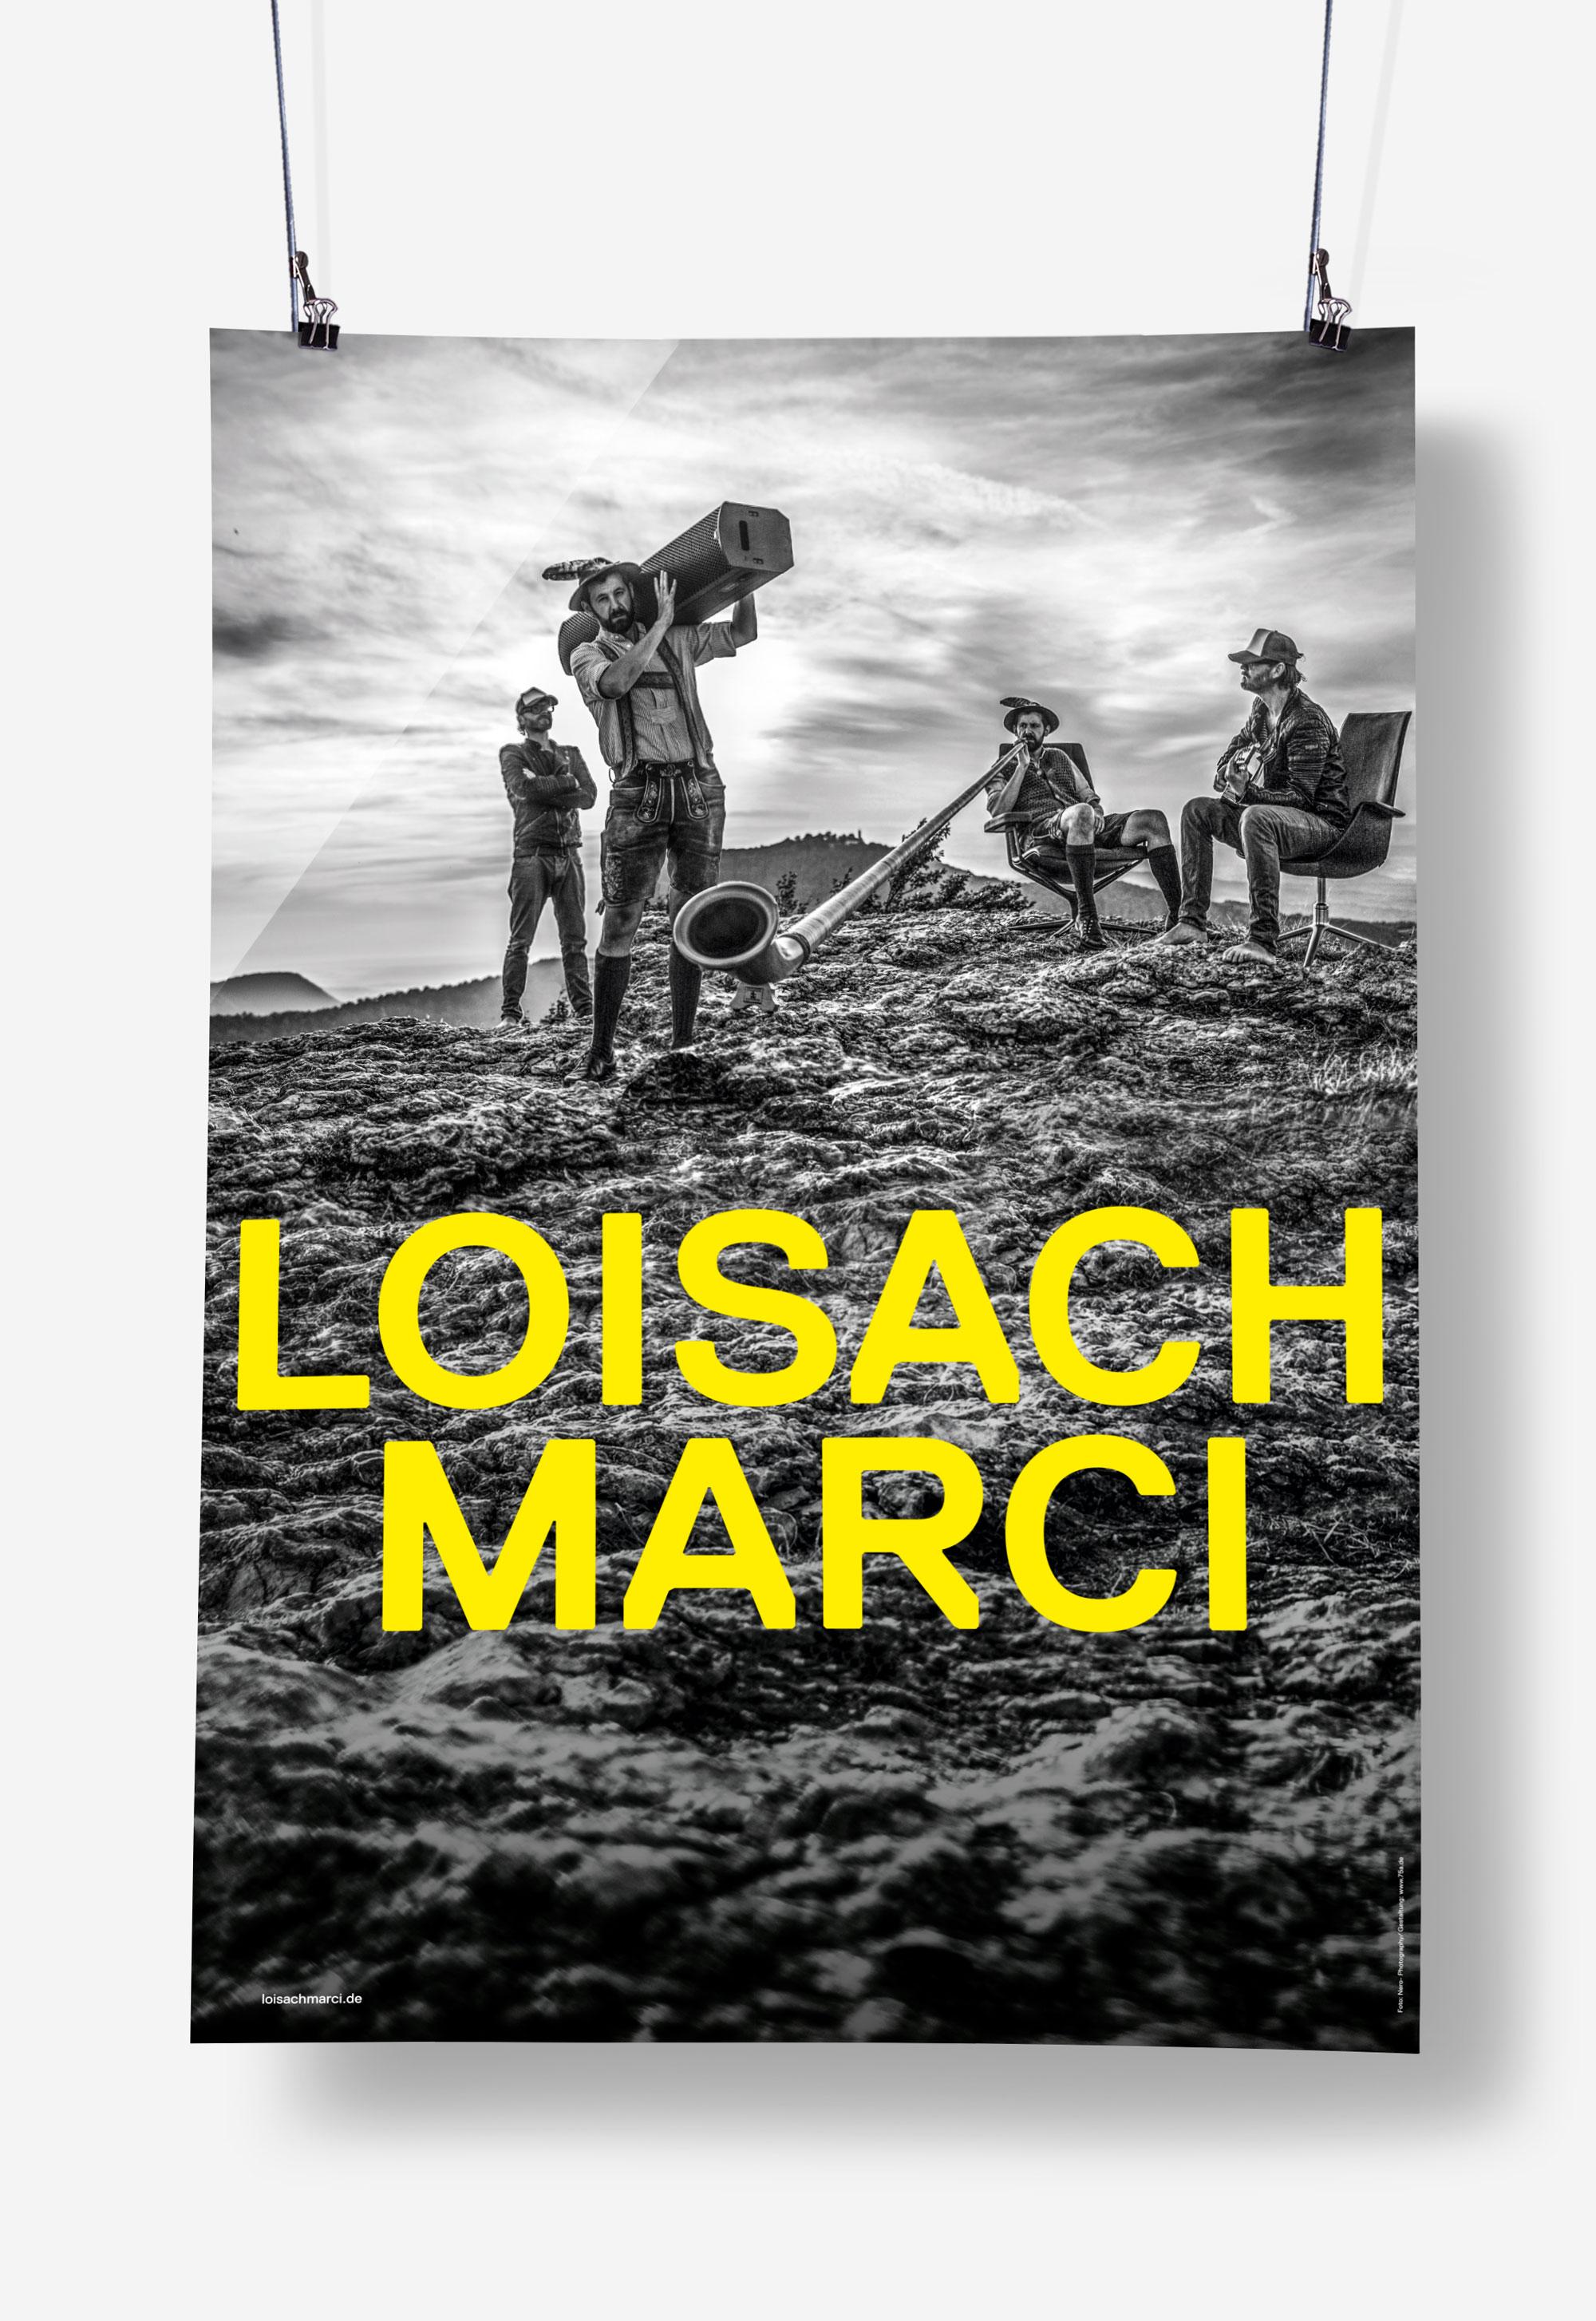 75a, Büro für Gestaltung aus Stuttgart, hat das Tourplakat für Loisach Marci gestaltet.